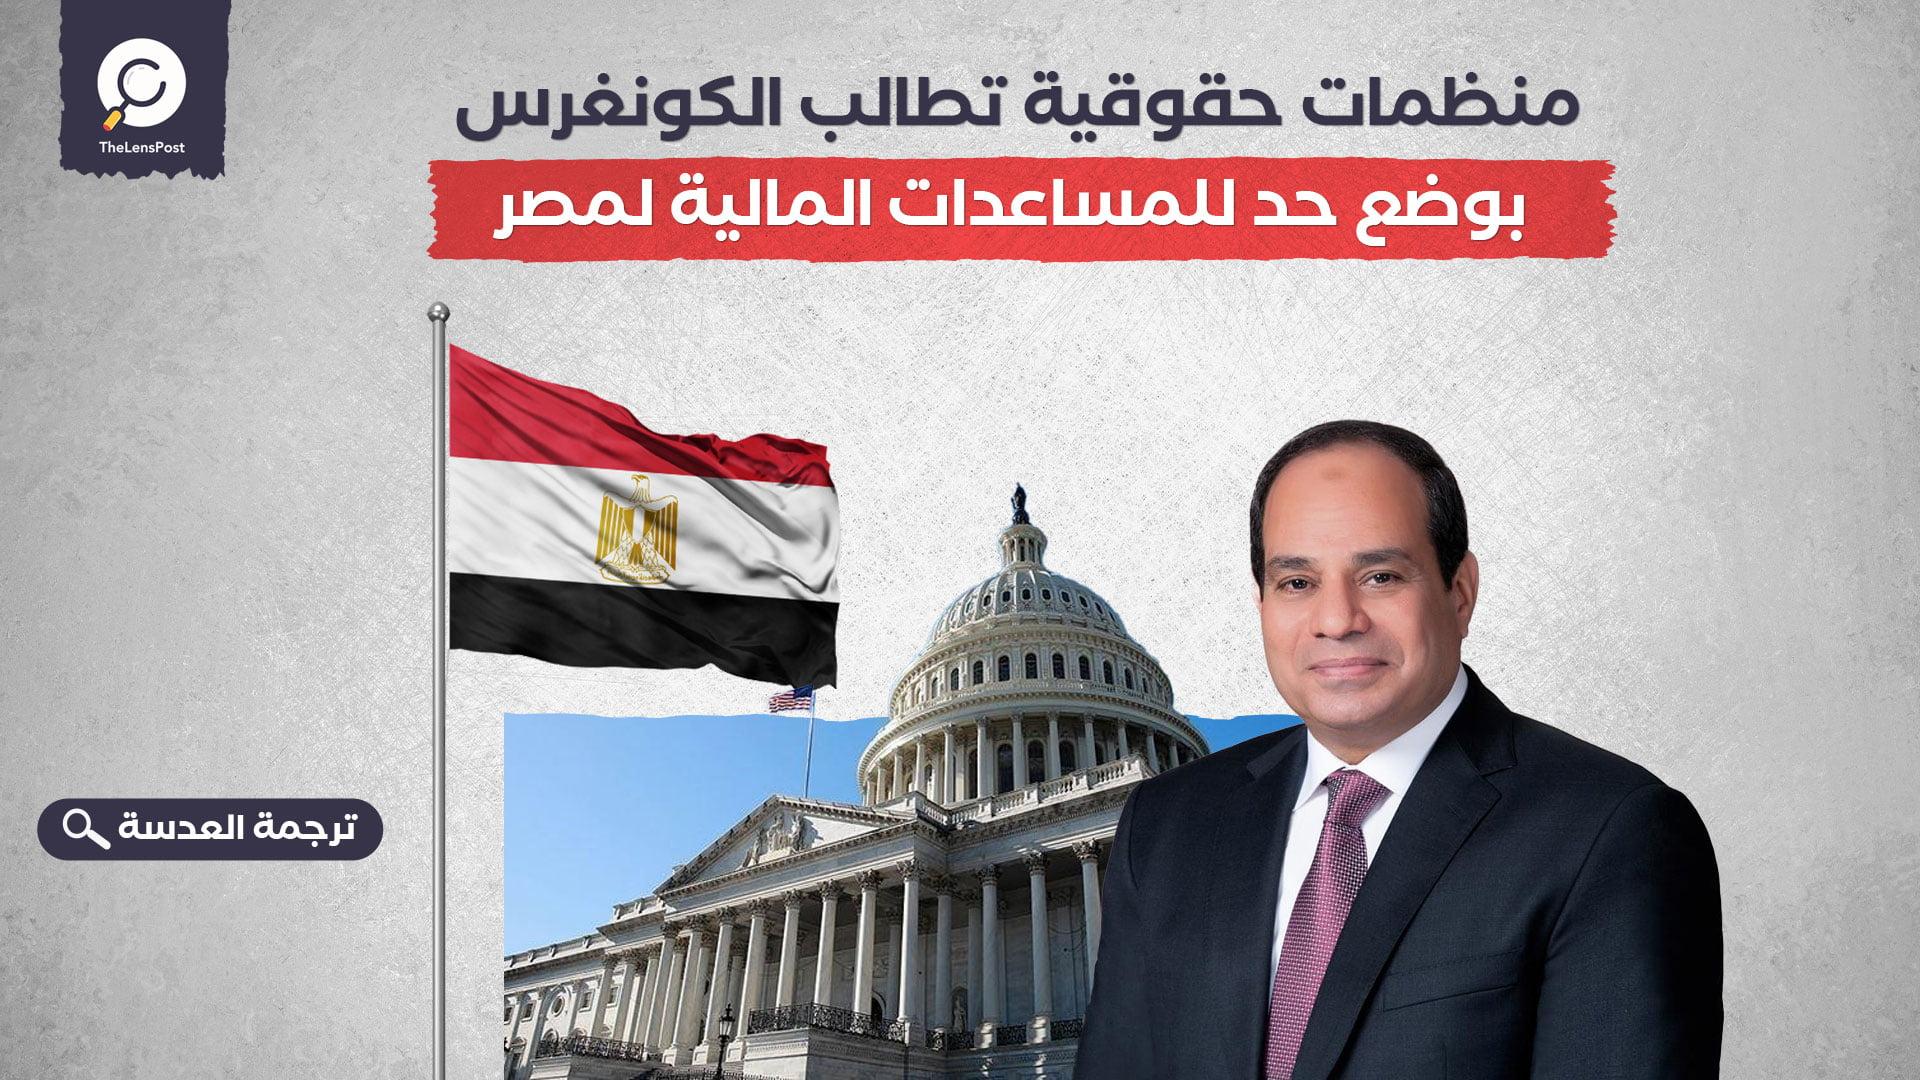 منظمات حقوقية تطالب الكونغرس بوضع حد للمساعدات المالية لمصر